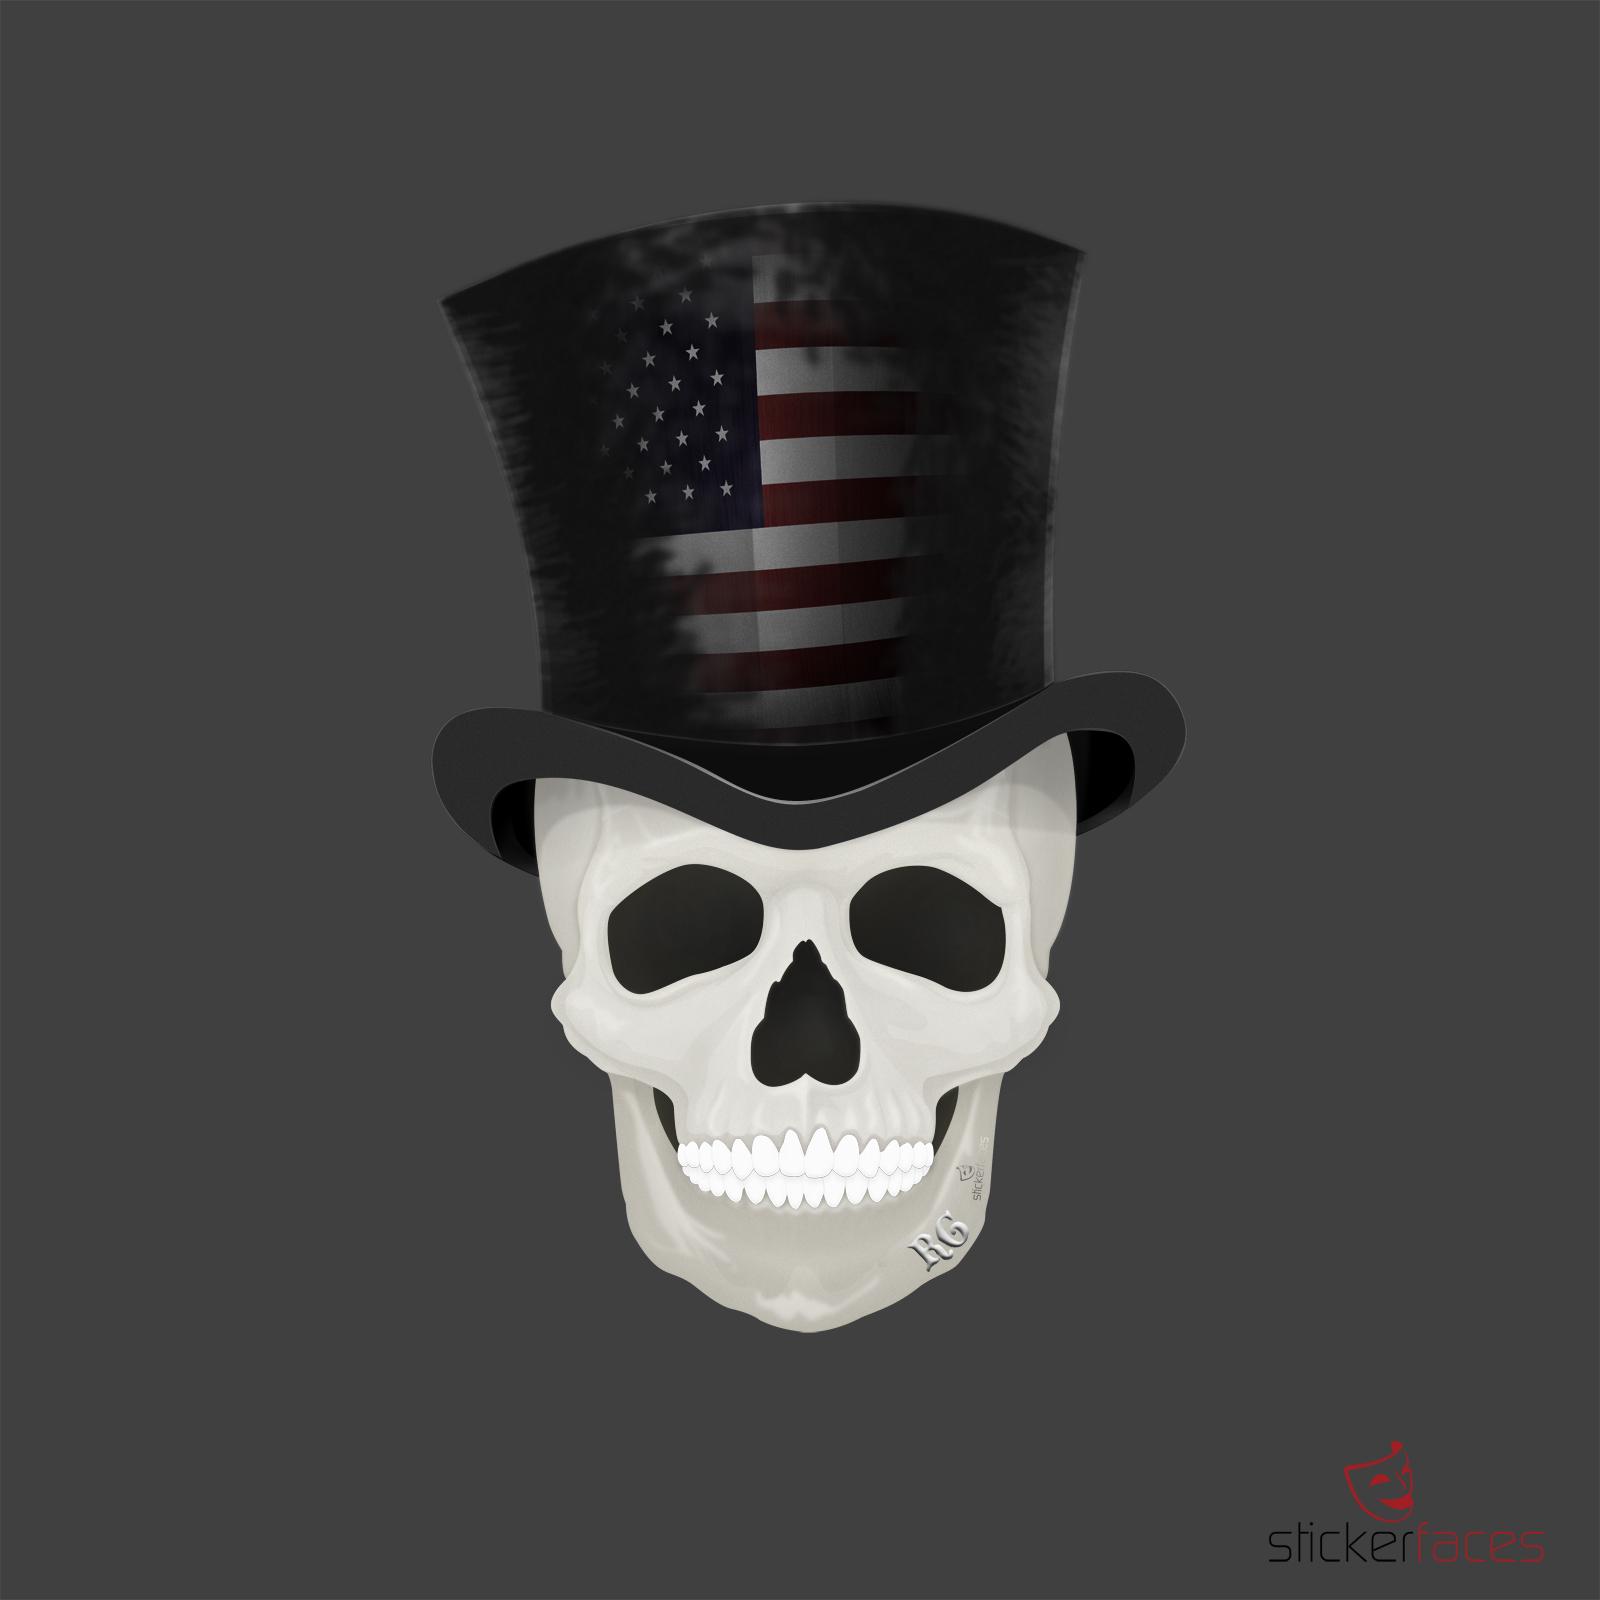 Grafik Skull Player USA by sehenundmachen ©